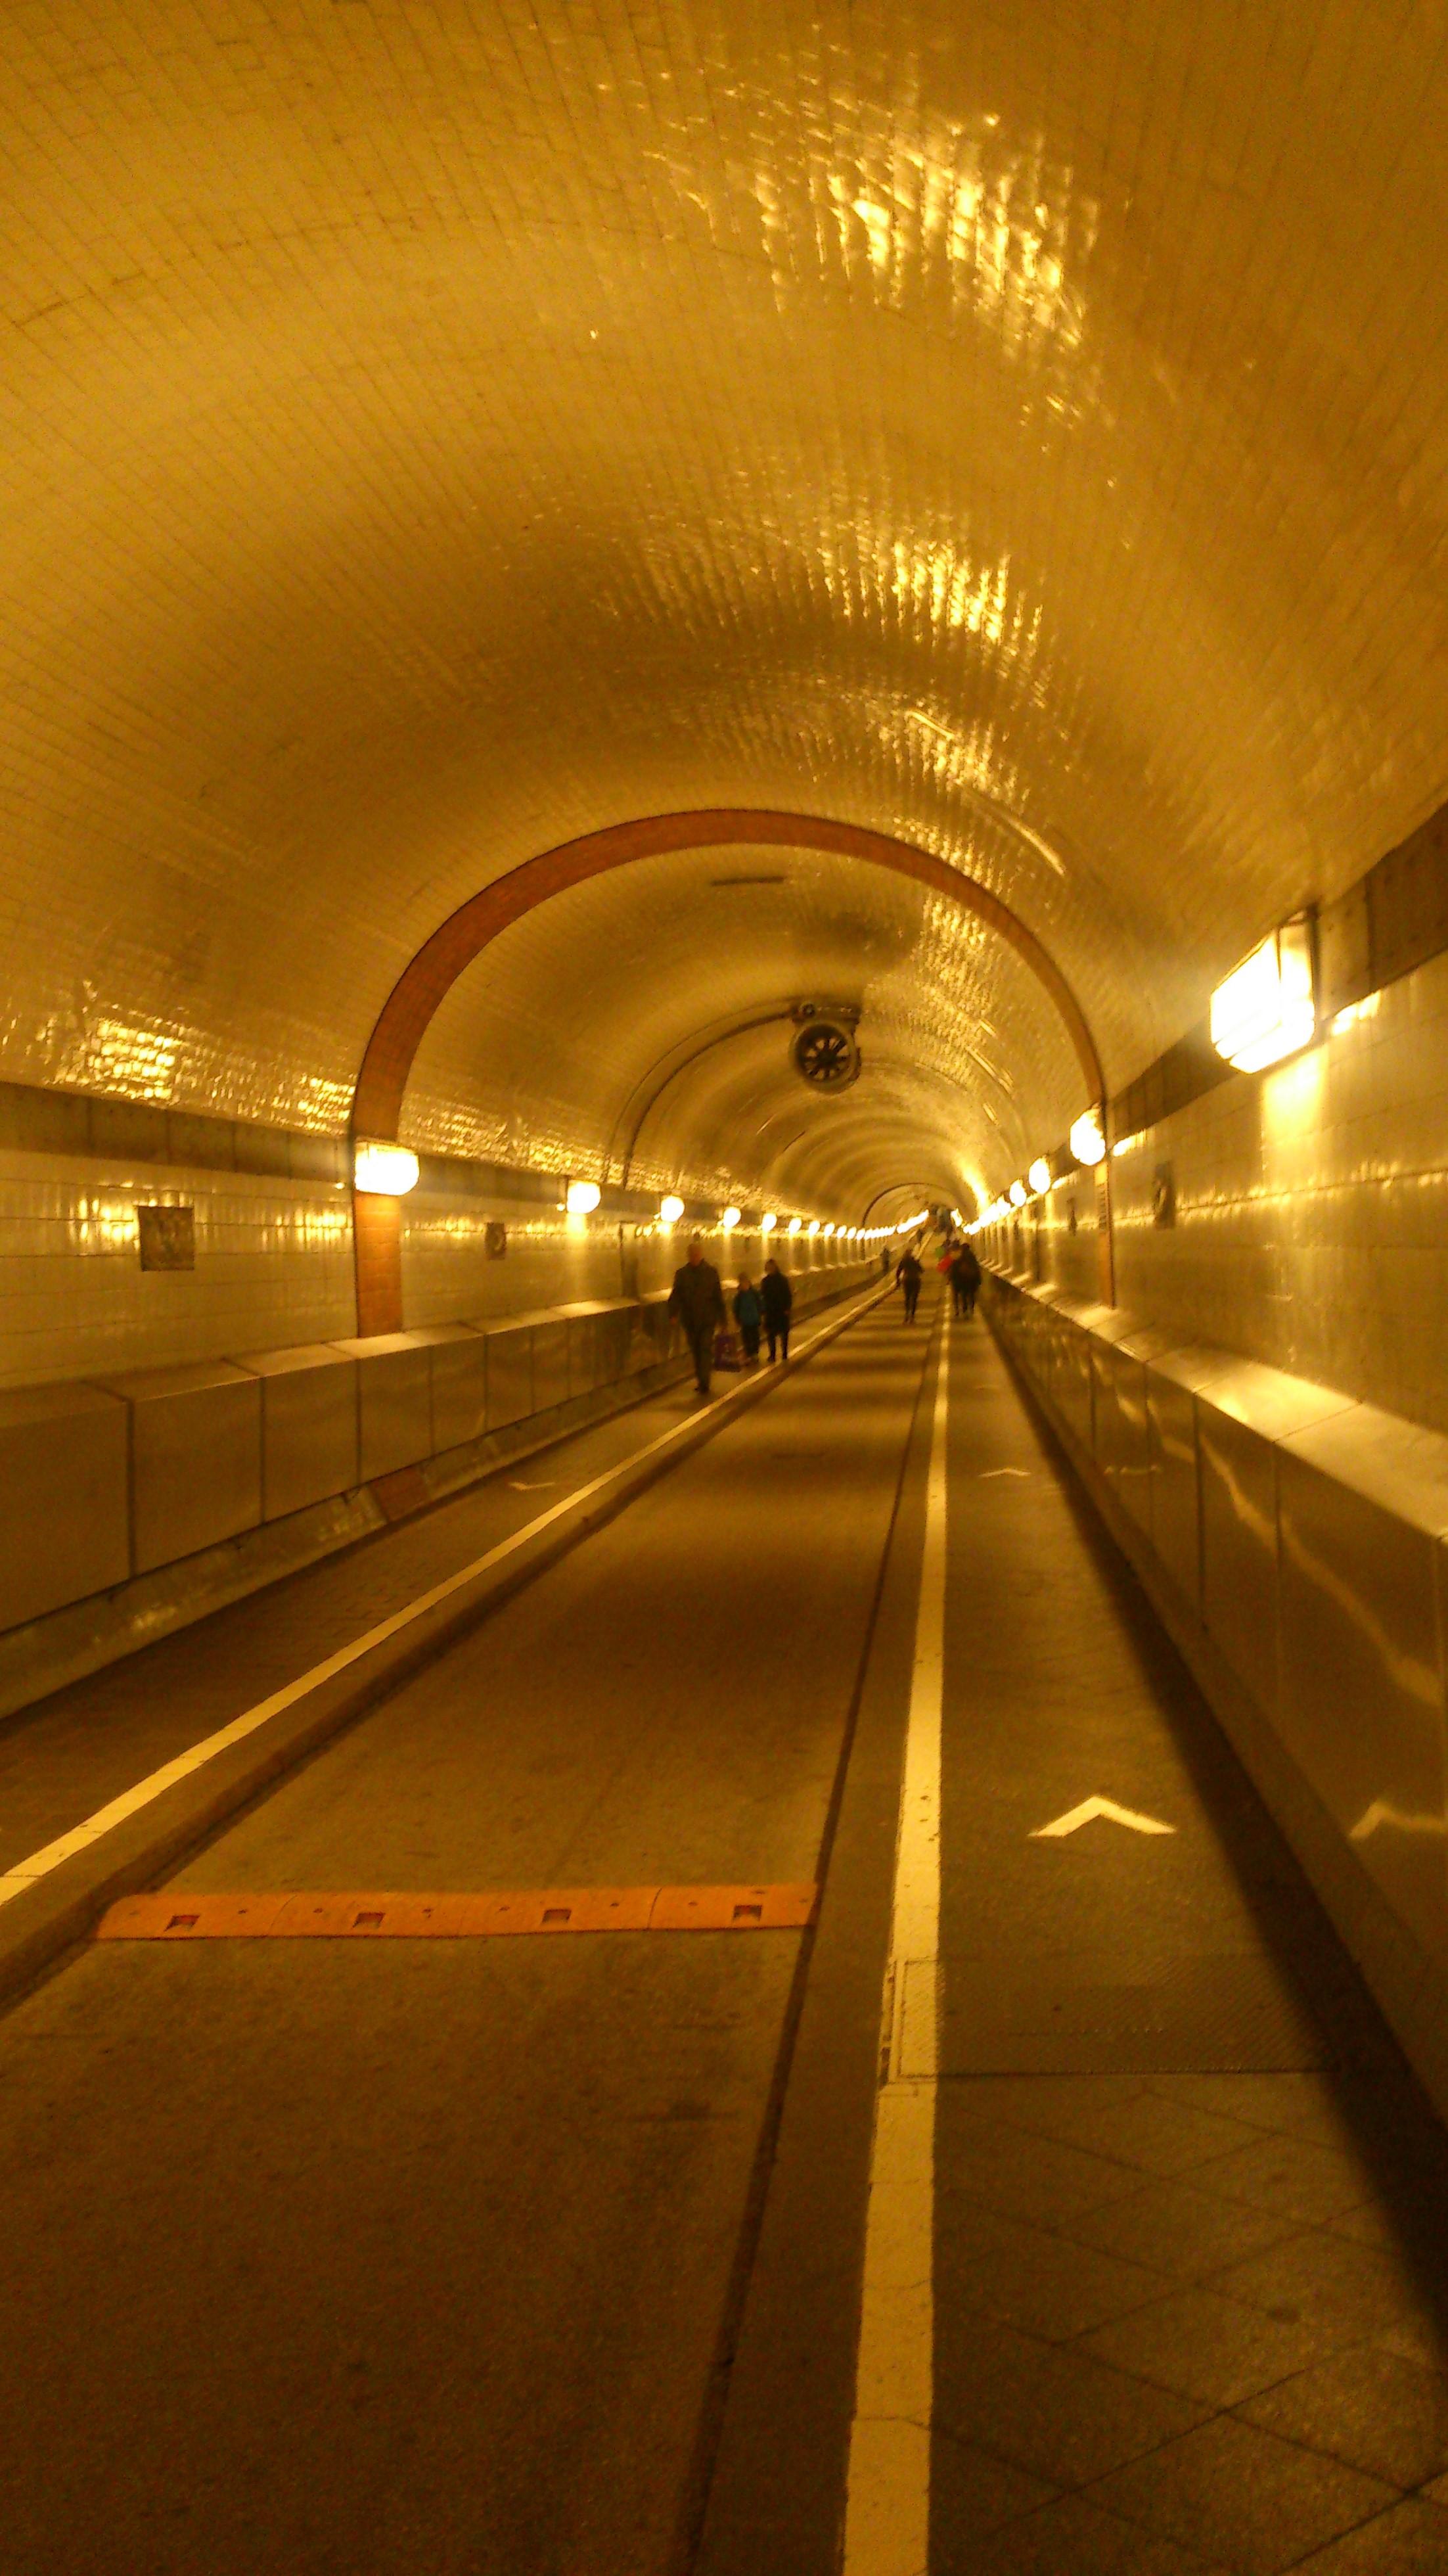 Так выглядит тоннель под Эльбой